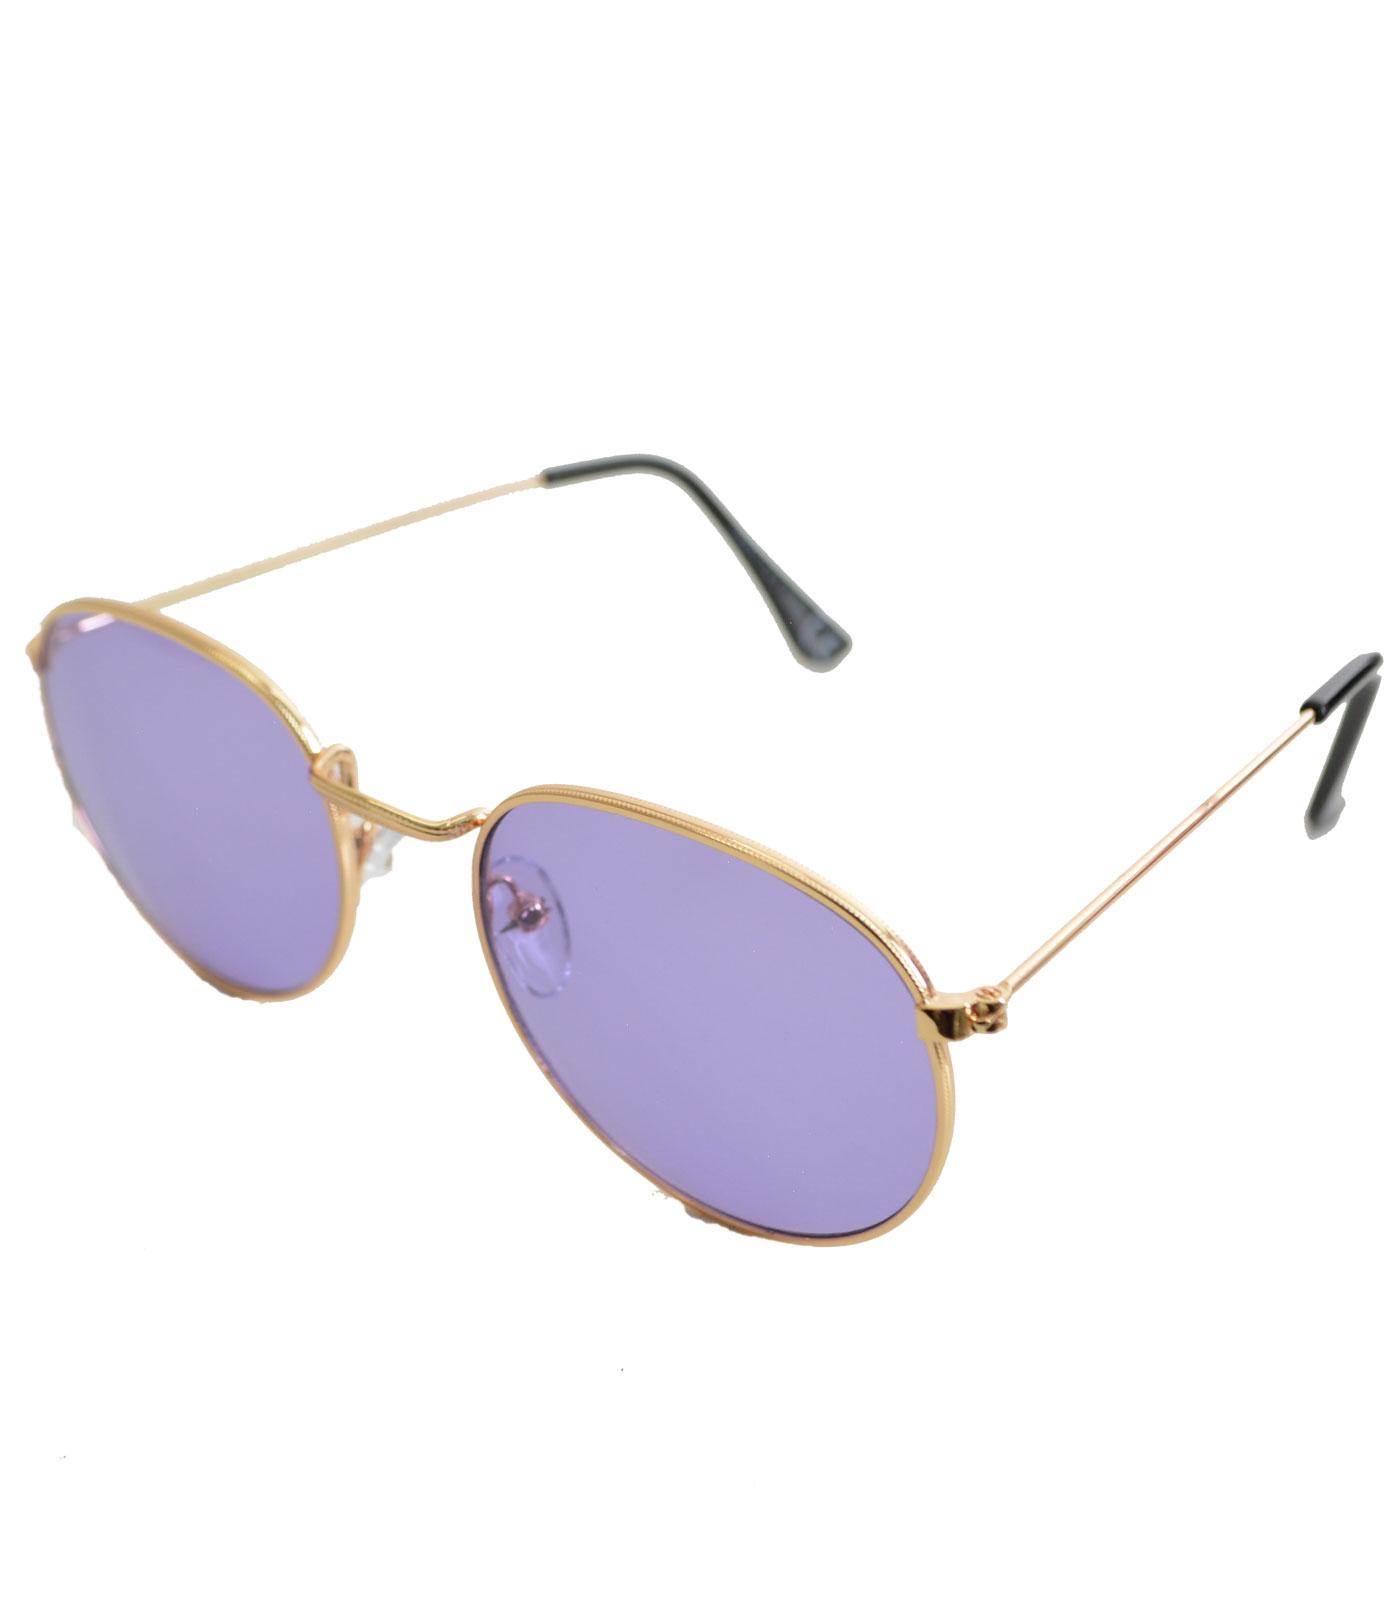 Γυαλιά ηλίου χρυσά συρμάτινα με μωβ φακό αξεσουάρ   γυαλιά